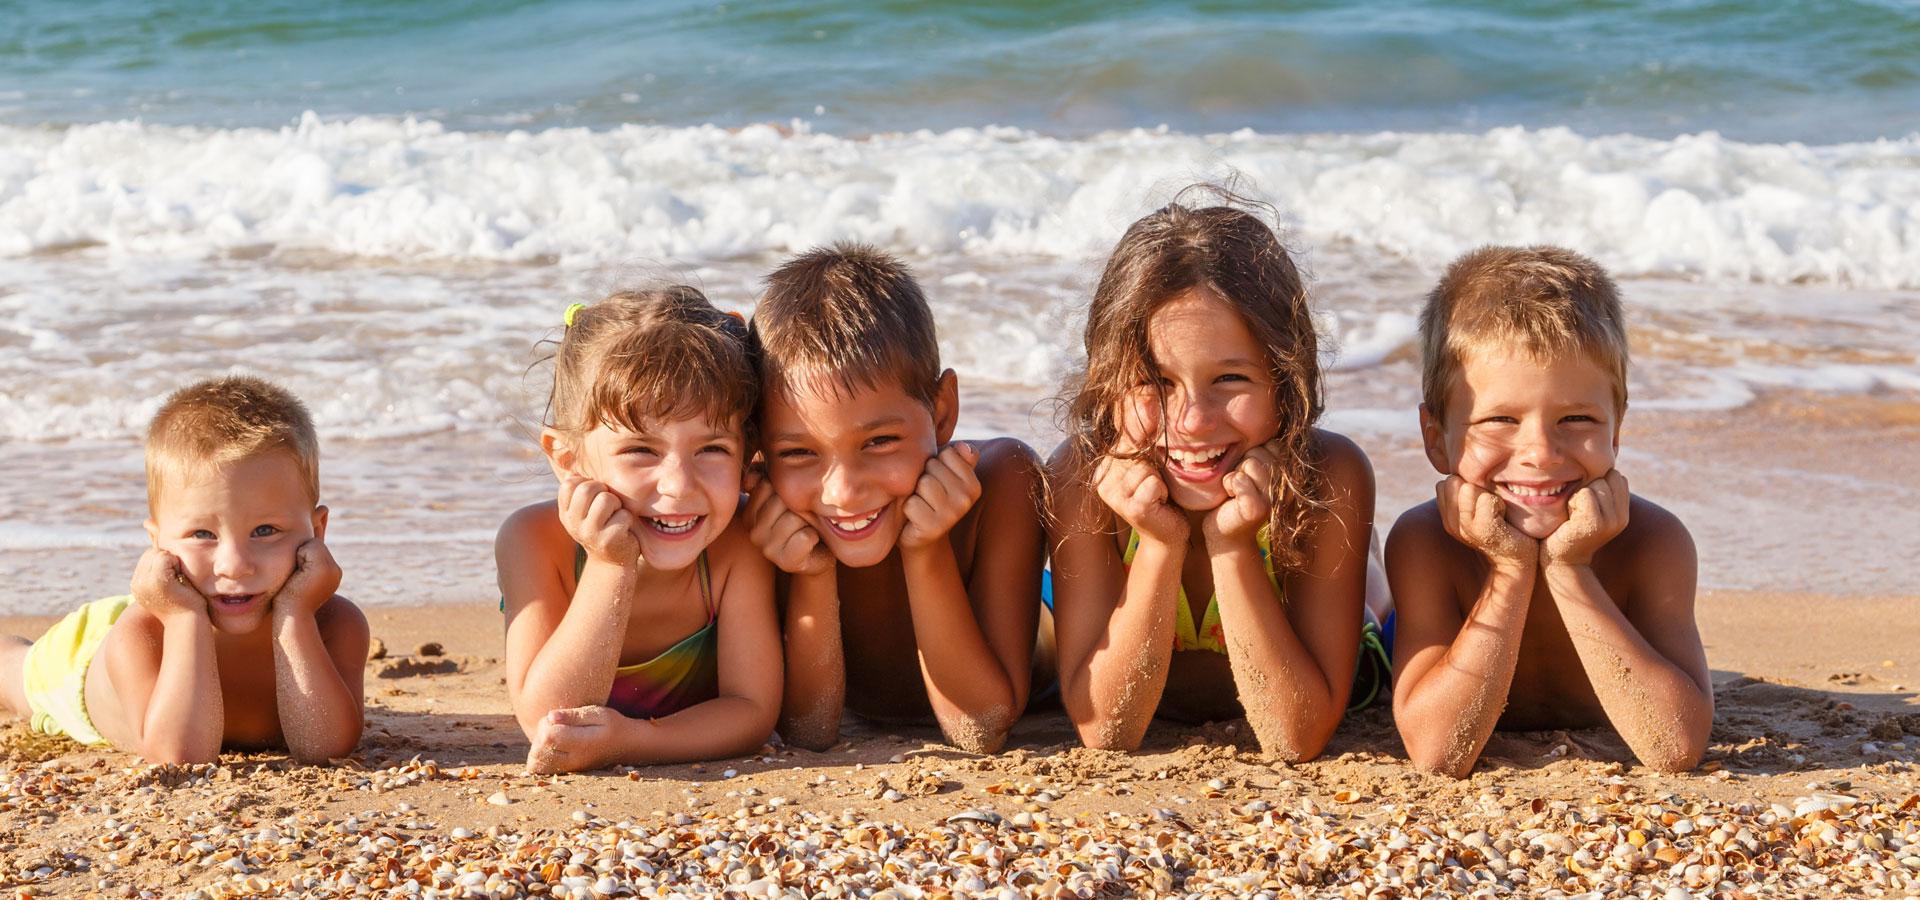 Фото нудиков с детьми